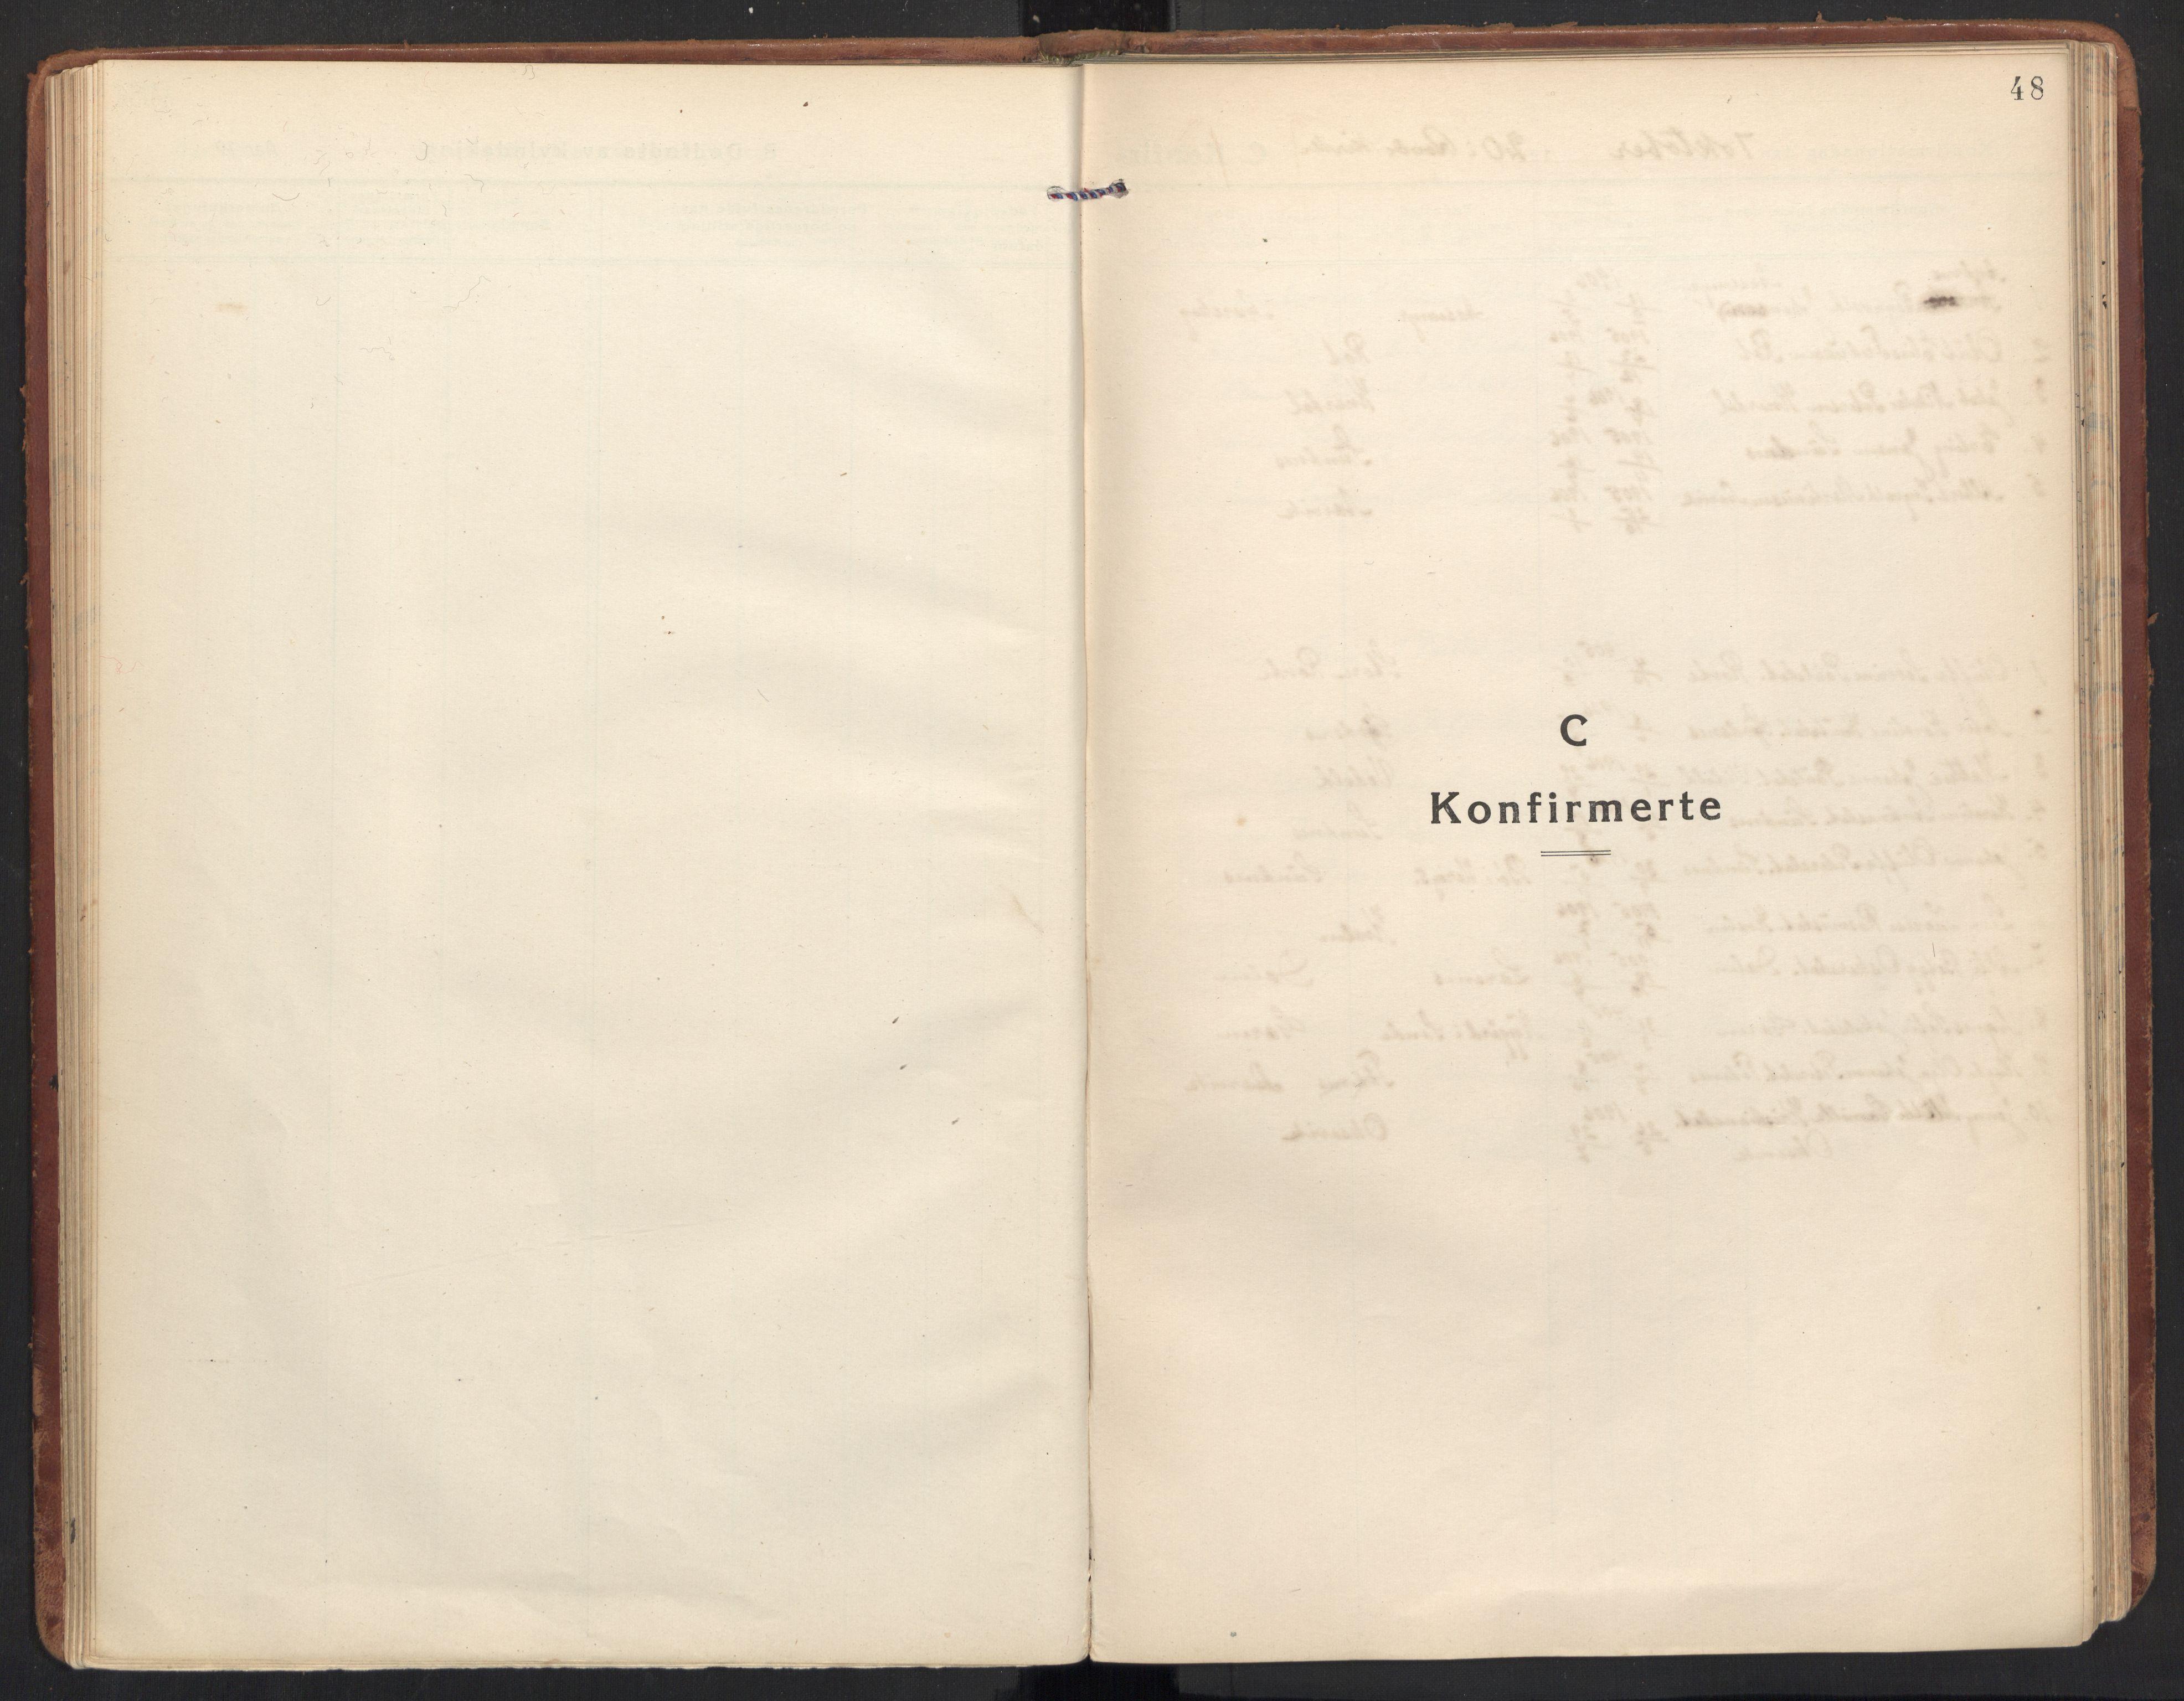 SAT, Ministerialprotokoller, klokkerbøker og fødselsregistre - Møre og Romsdal, 504/L0058: Ministerialbok nr. 504A05, 1920-1940, s. 48